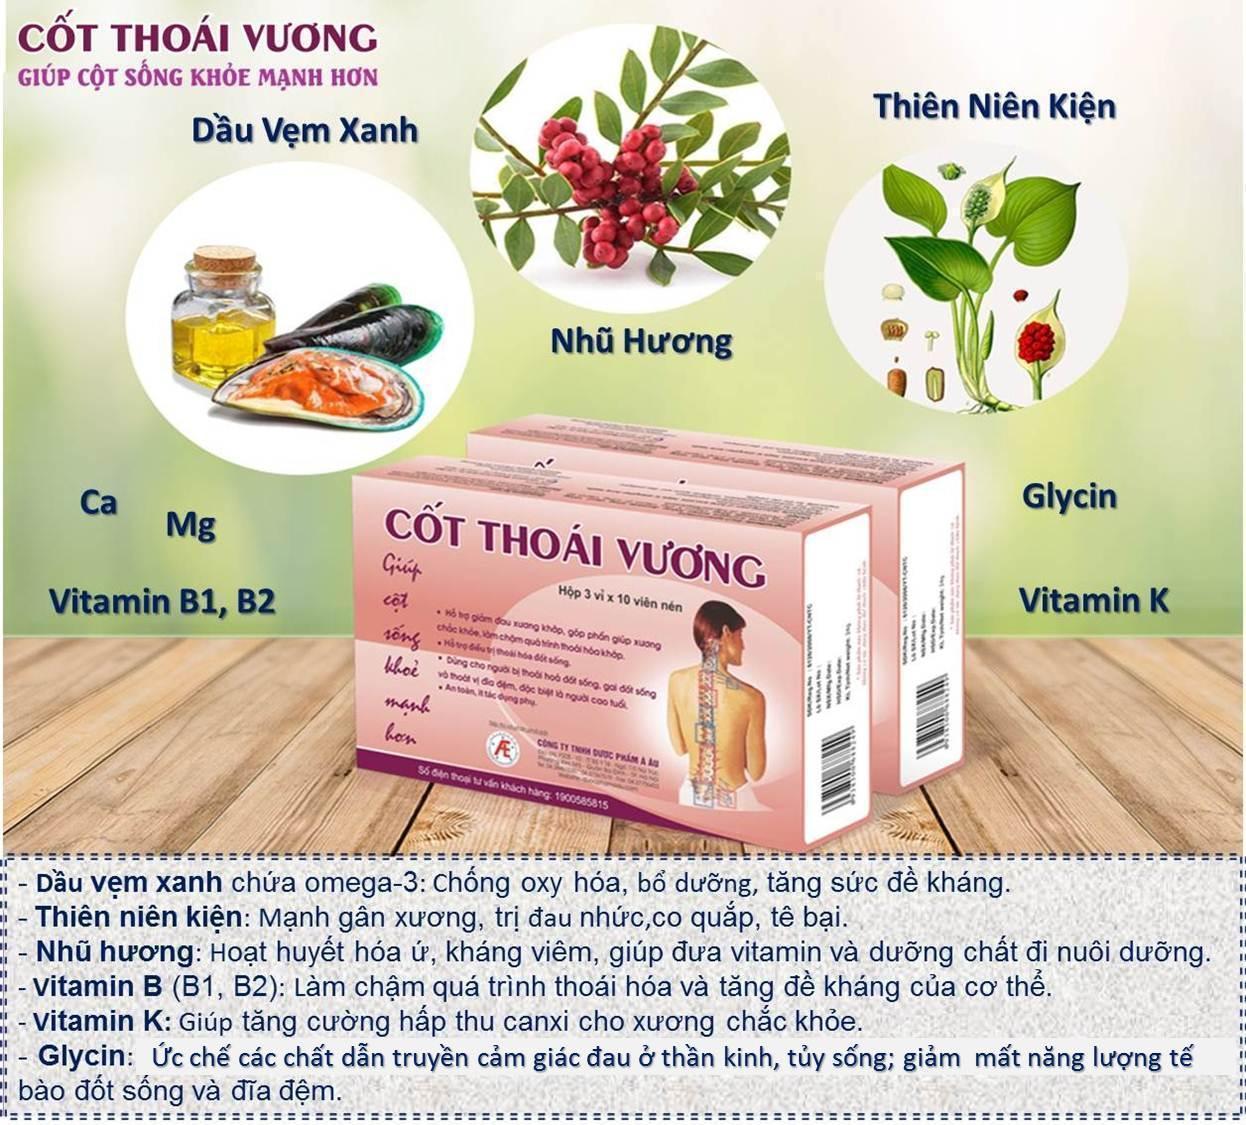 Description: Description: cot-thoai-vuong